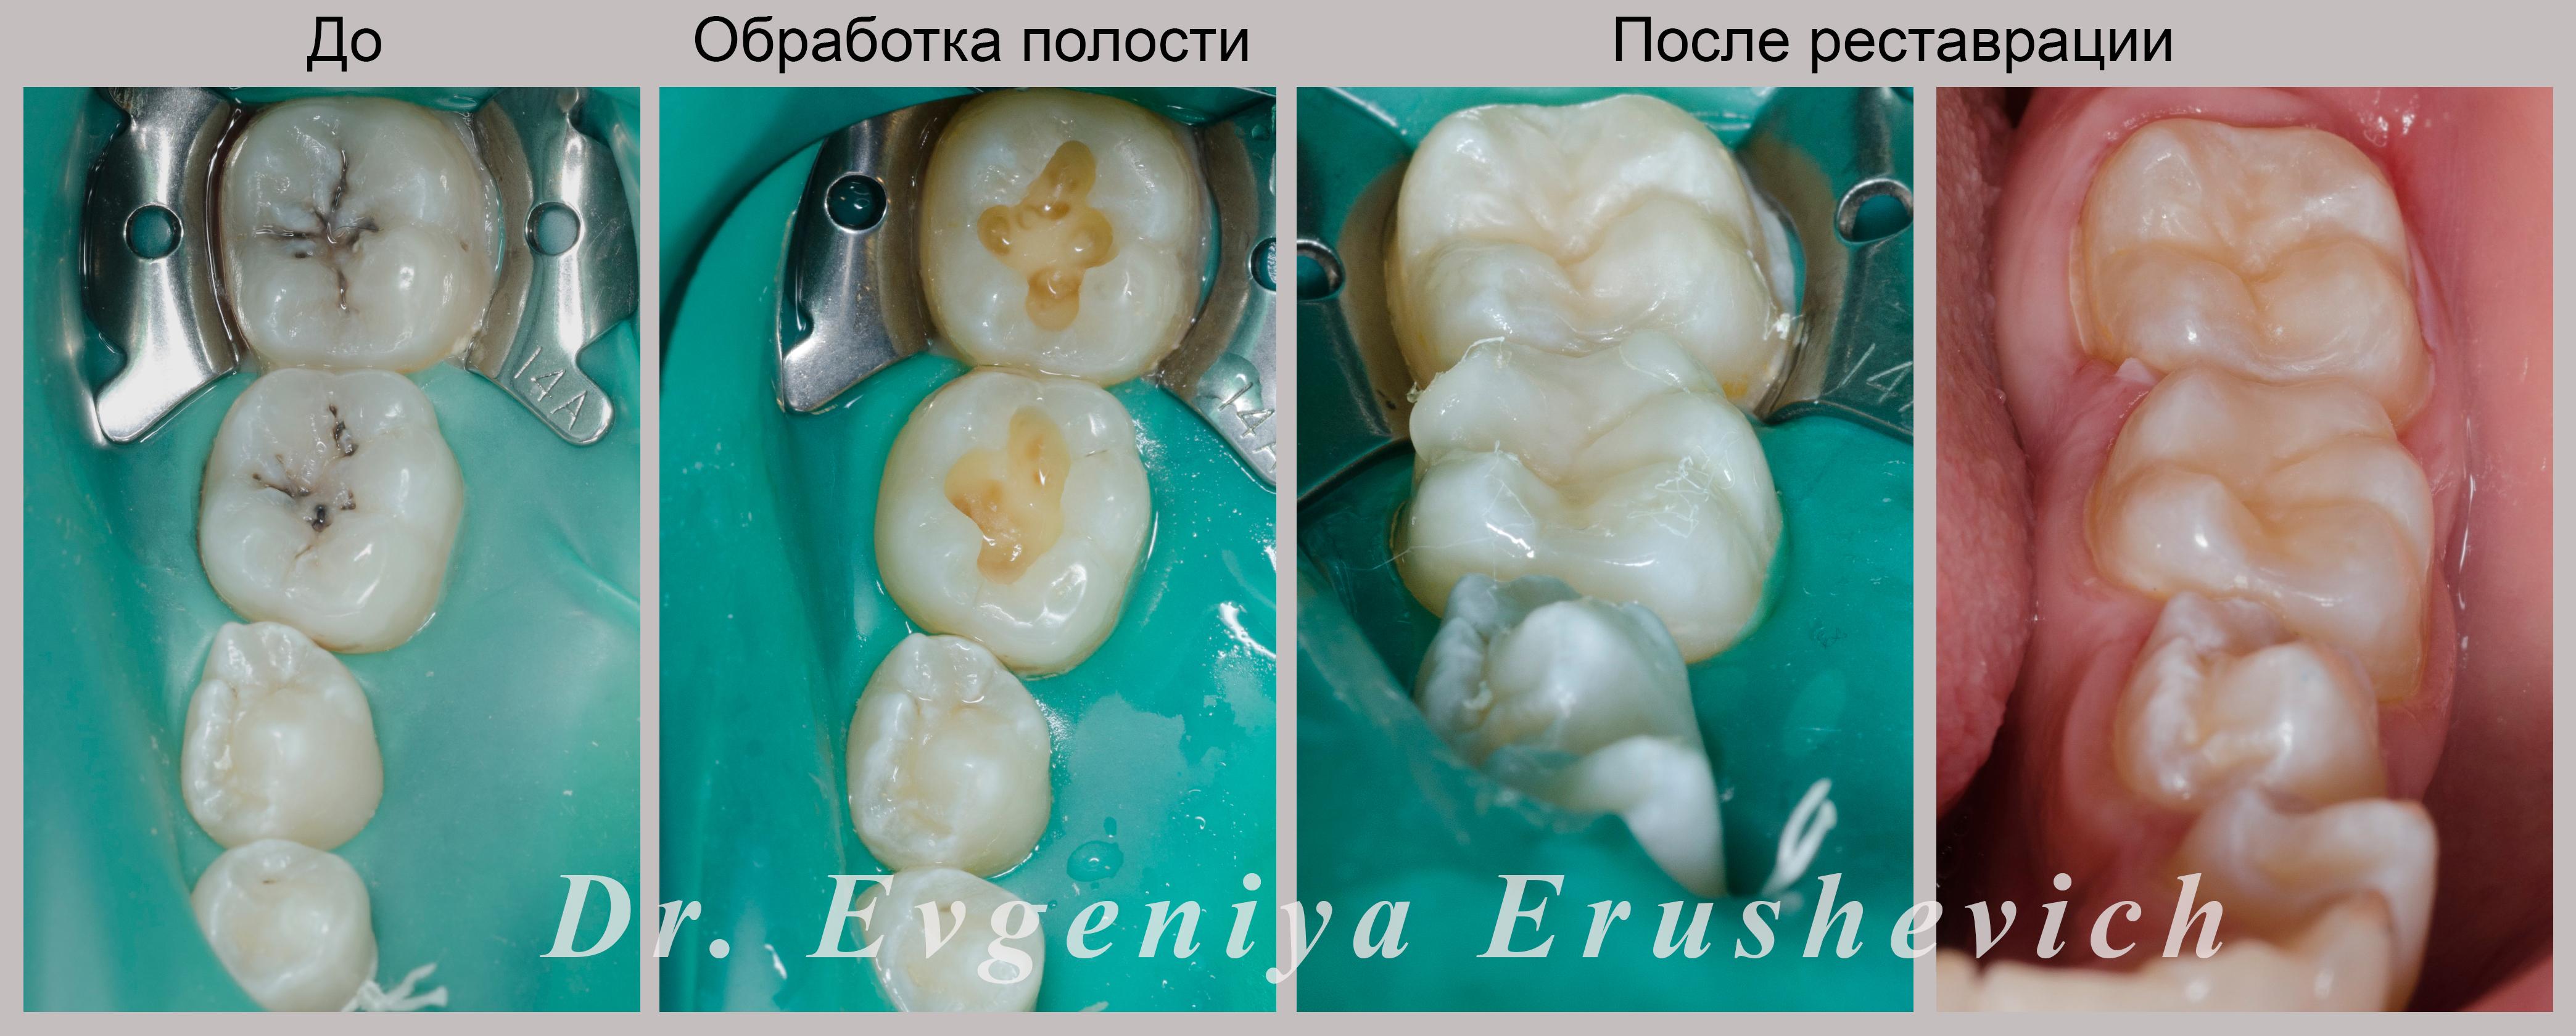 Лечение Кариеса в стоматологии ул. Гурьянова д. 67, стр. 1. (м. Печатники)